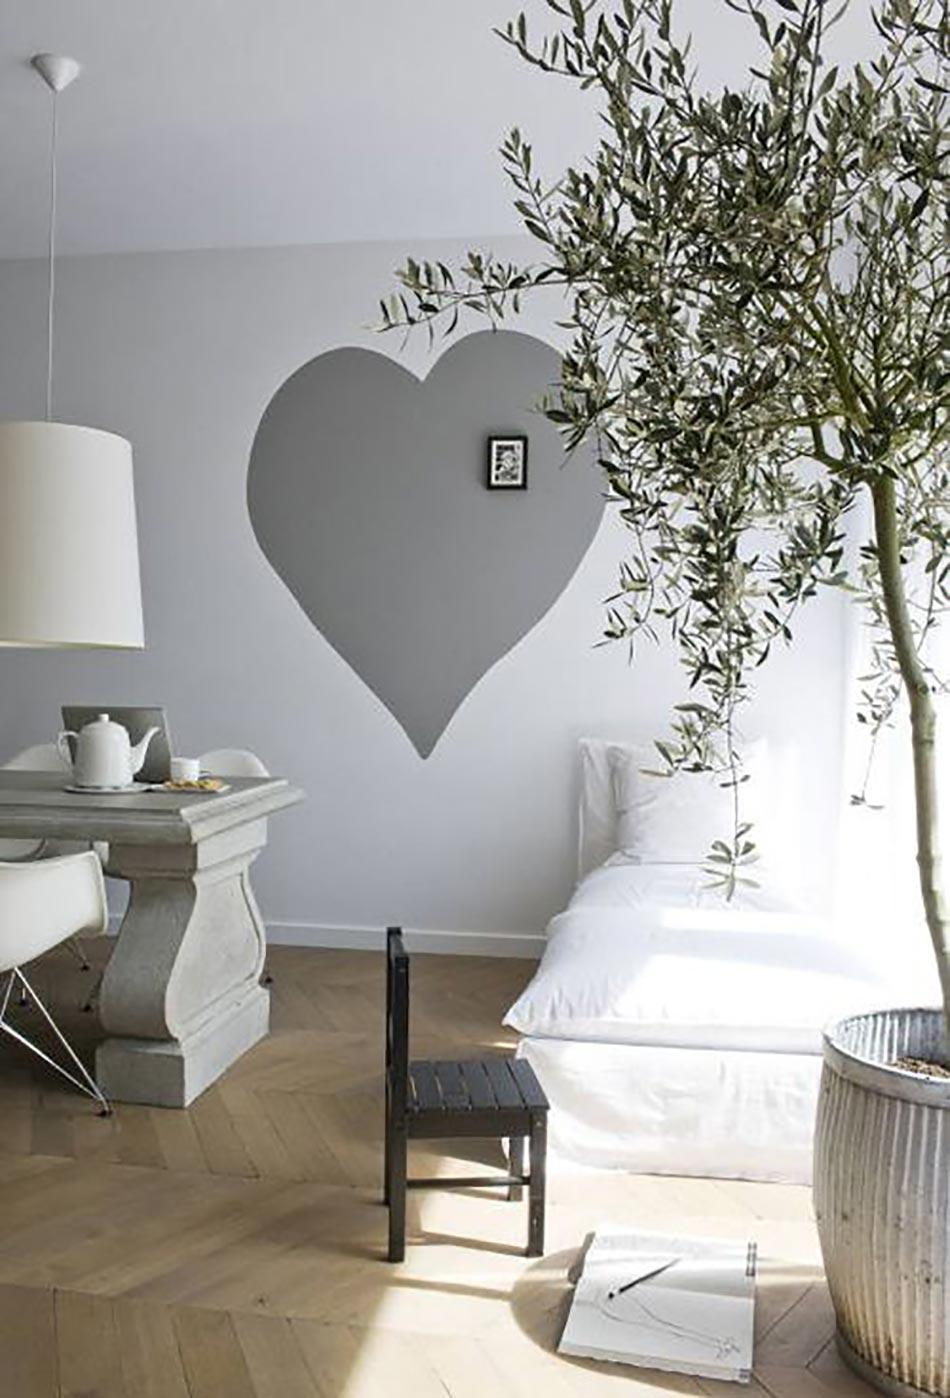 Peinture murale pour une ambiance d\'intérieur gaie | Design ...